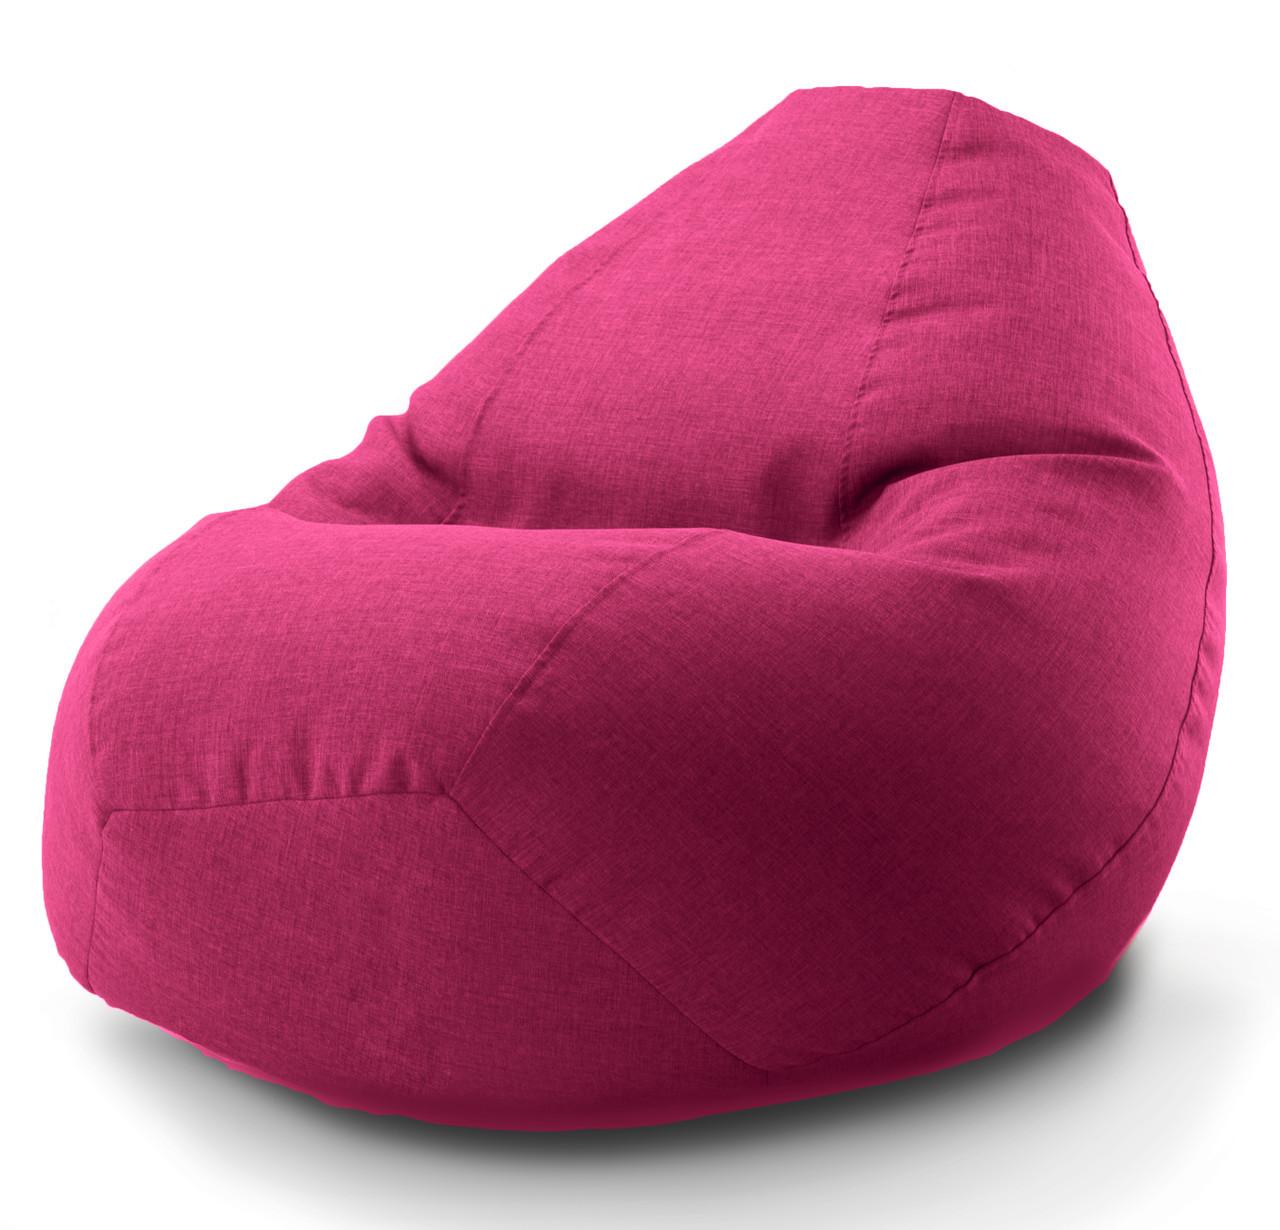 Овальне крісло - мішок груша Мікро-рогожка 85*105 см З додатковим чохлом